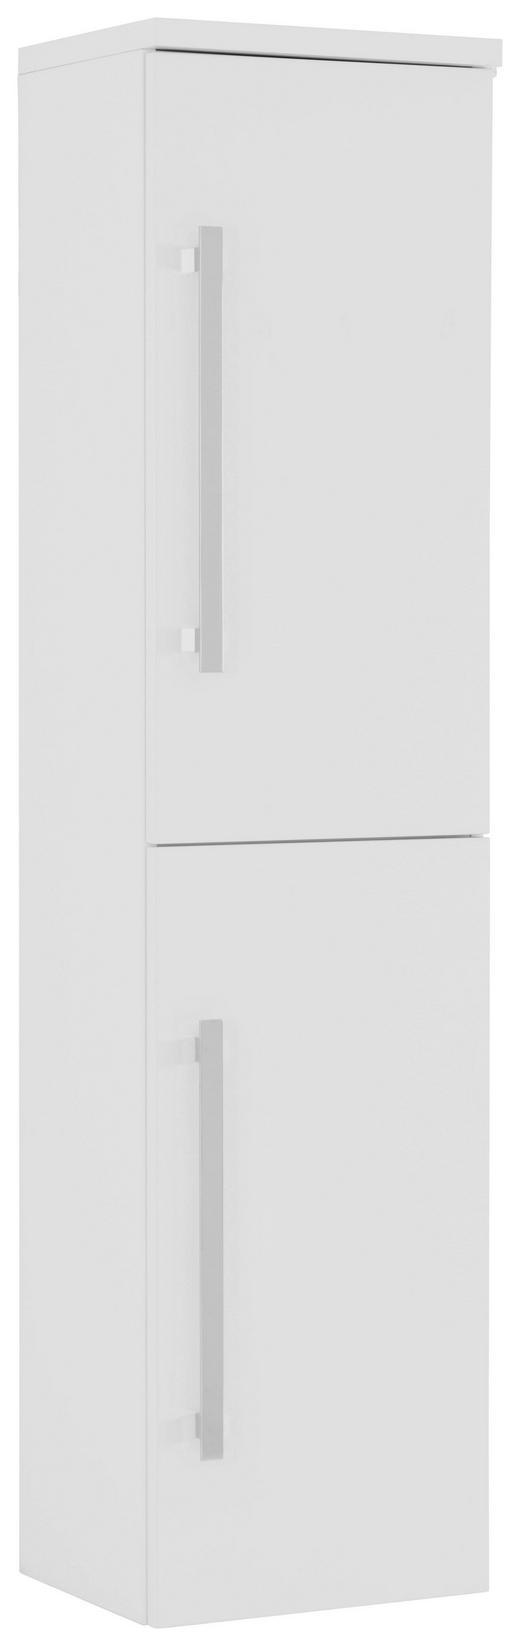 VYSOKÁ SKŘÍŇ - bílá/barvy chromu, Design, kov/dřevěný materiál (40/163/33cm) - Novel